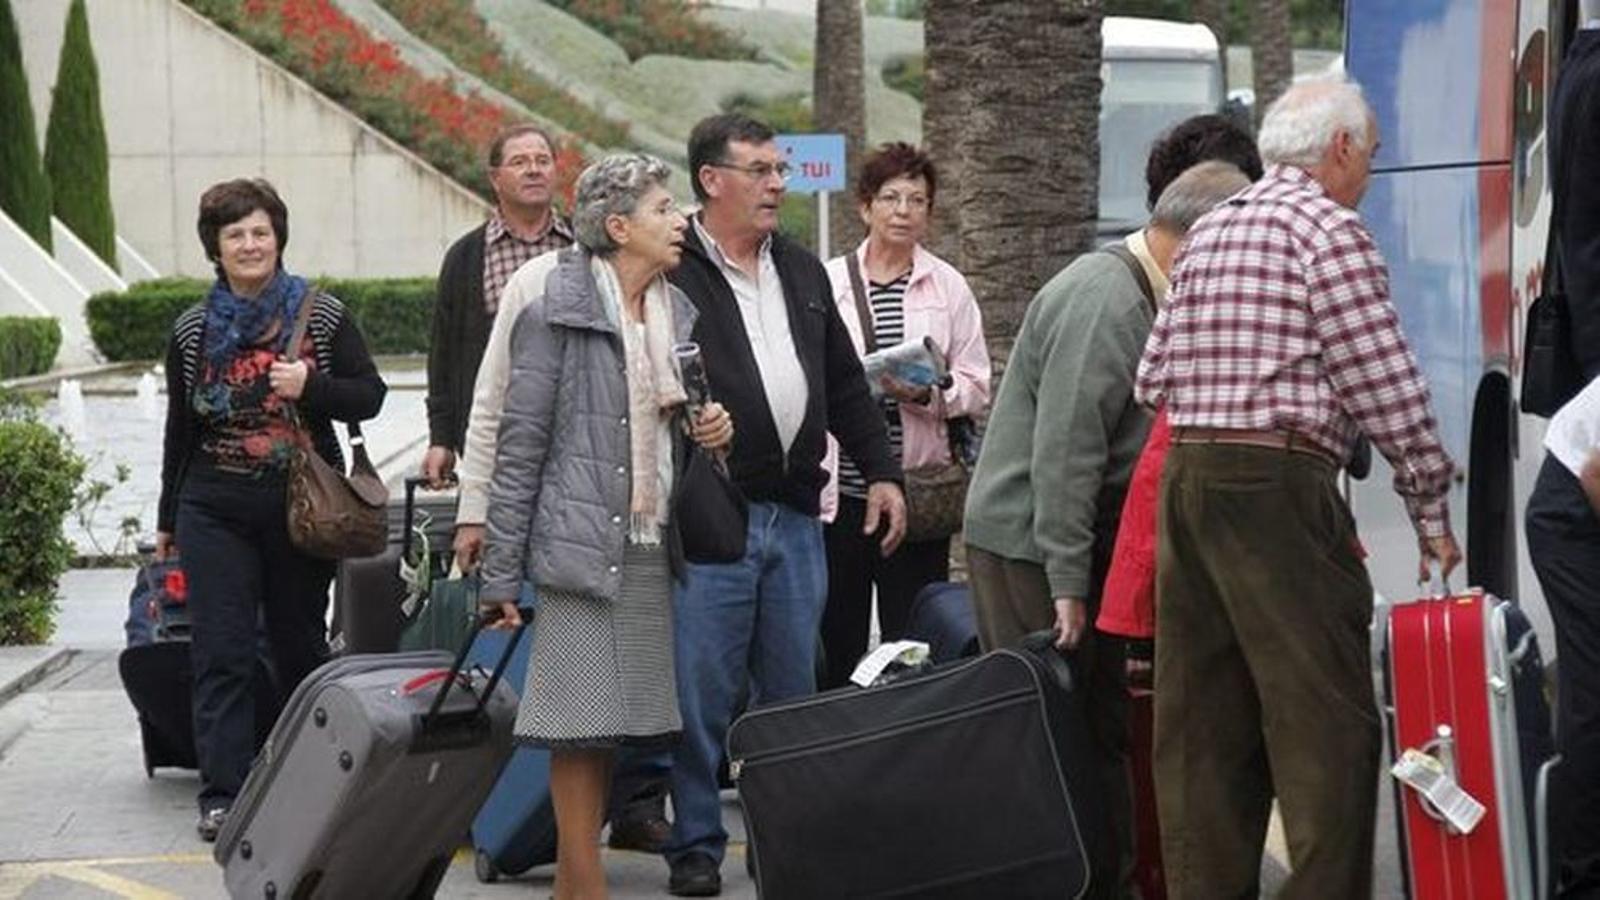 Des del govern de l'estat se subvencionava amb un preu fix el desplaçament des de les illes de Menorca, Eivissa i Formentera a Mallorca per a iniciar els viatges.